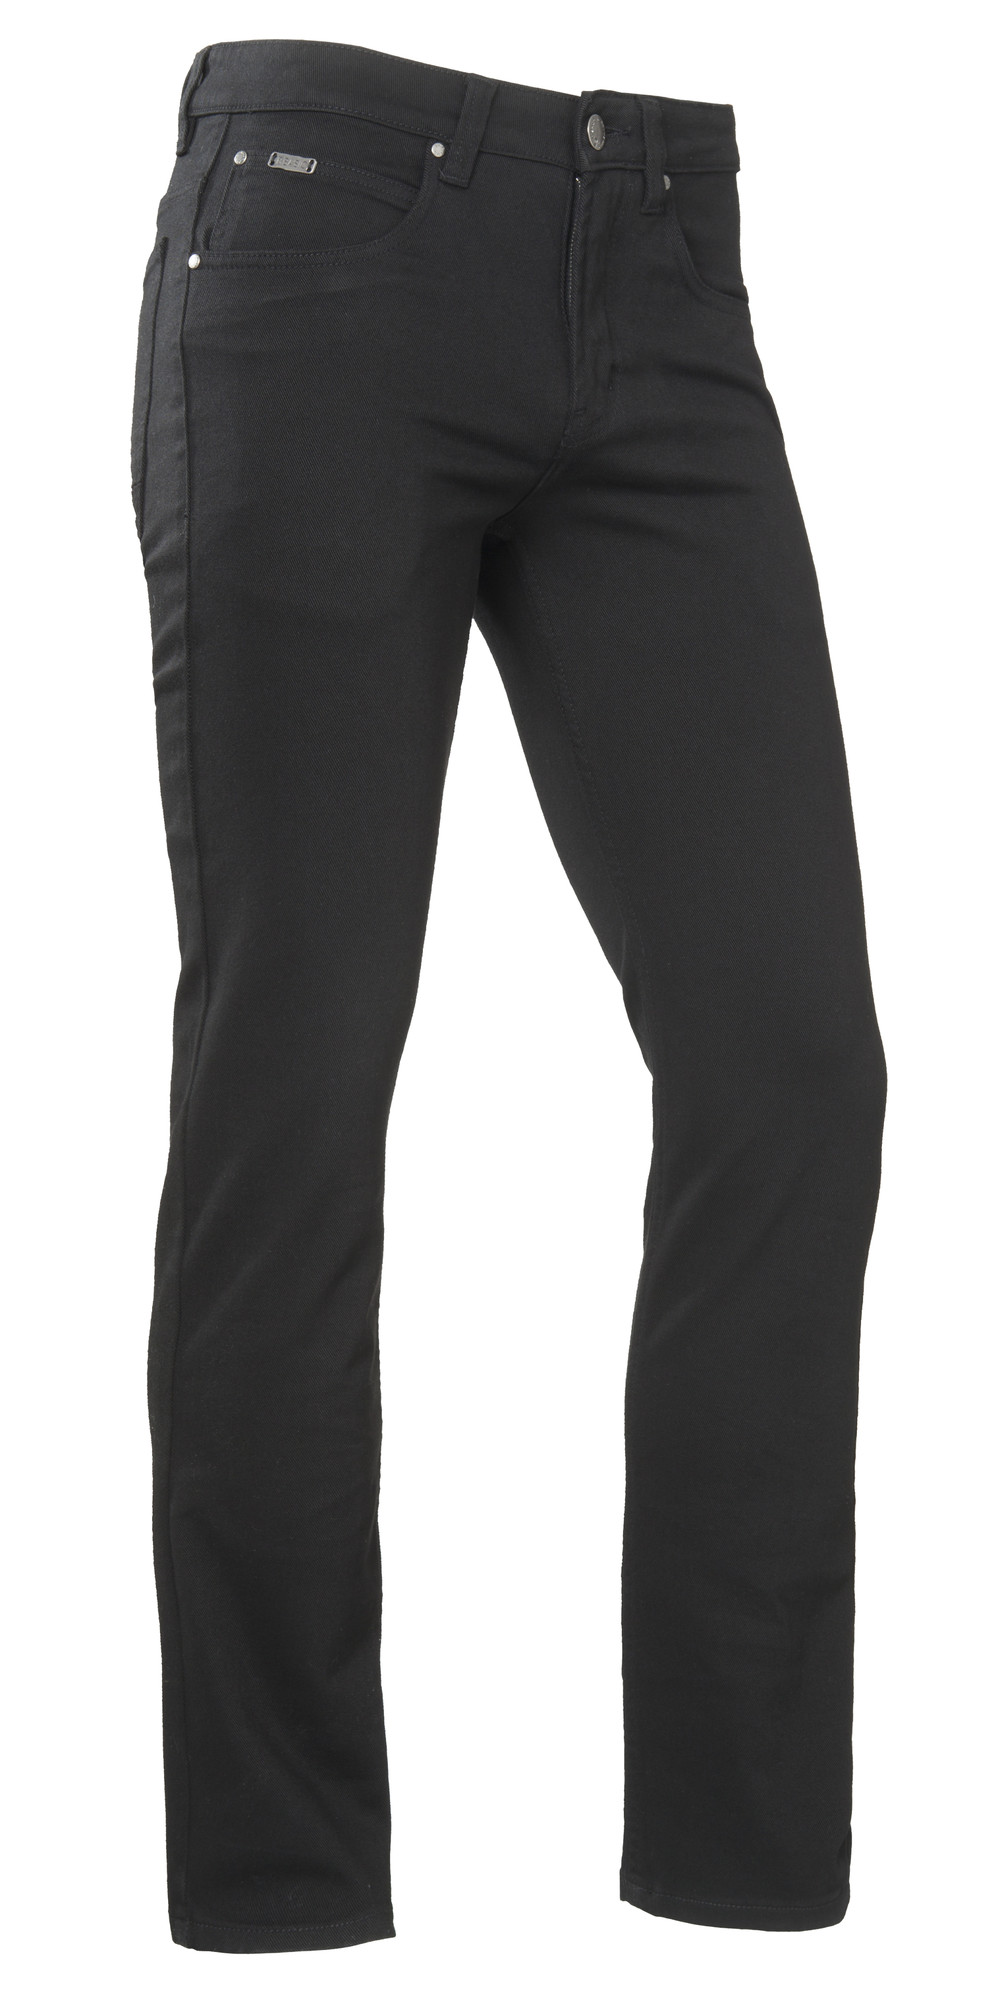 Brams Paris Danny Jeans Stretch (D51 Black Twill) W44-L30